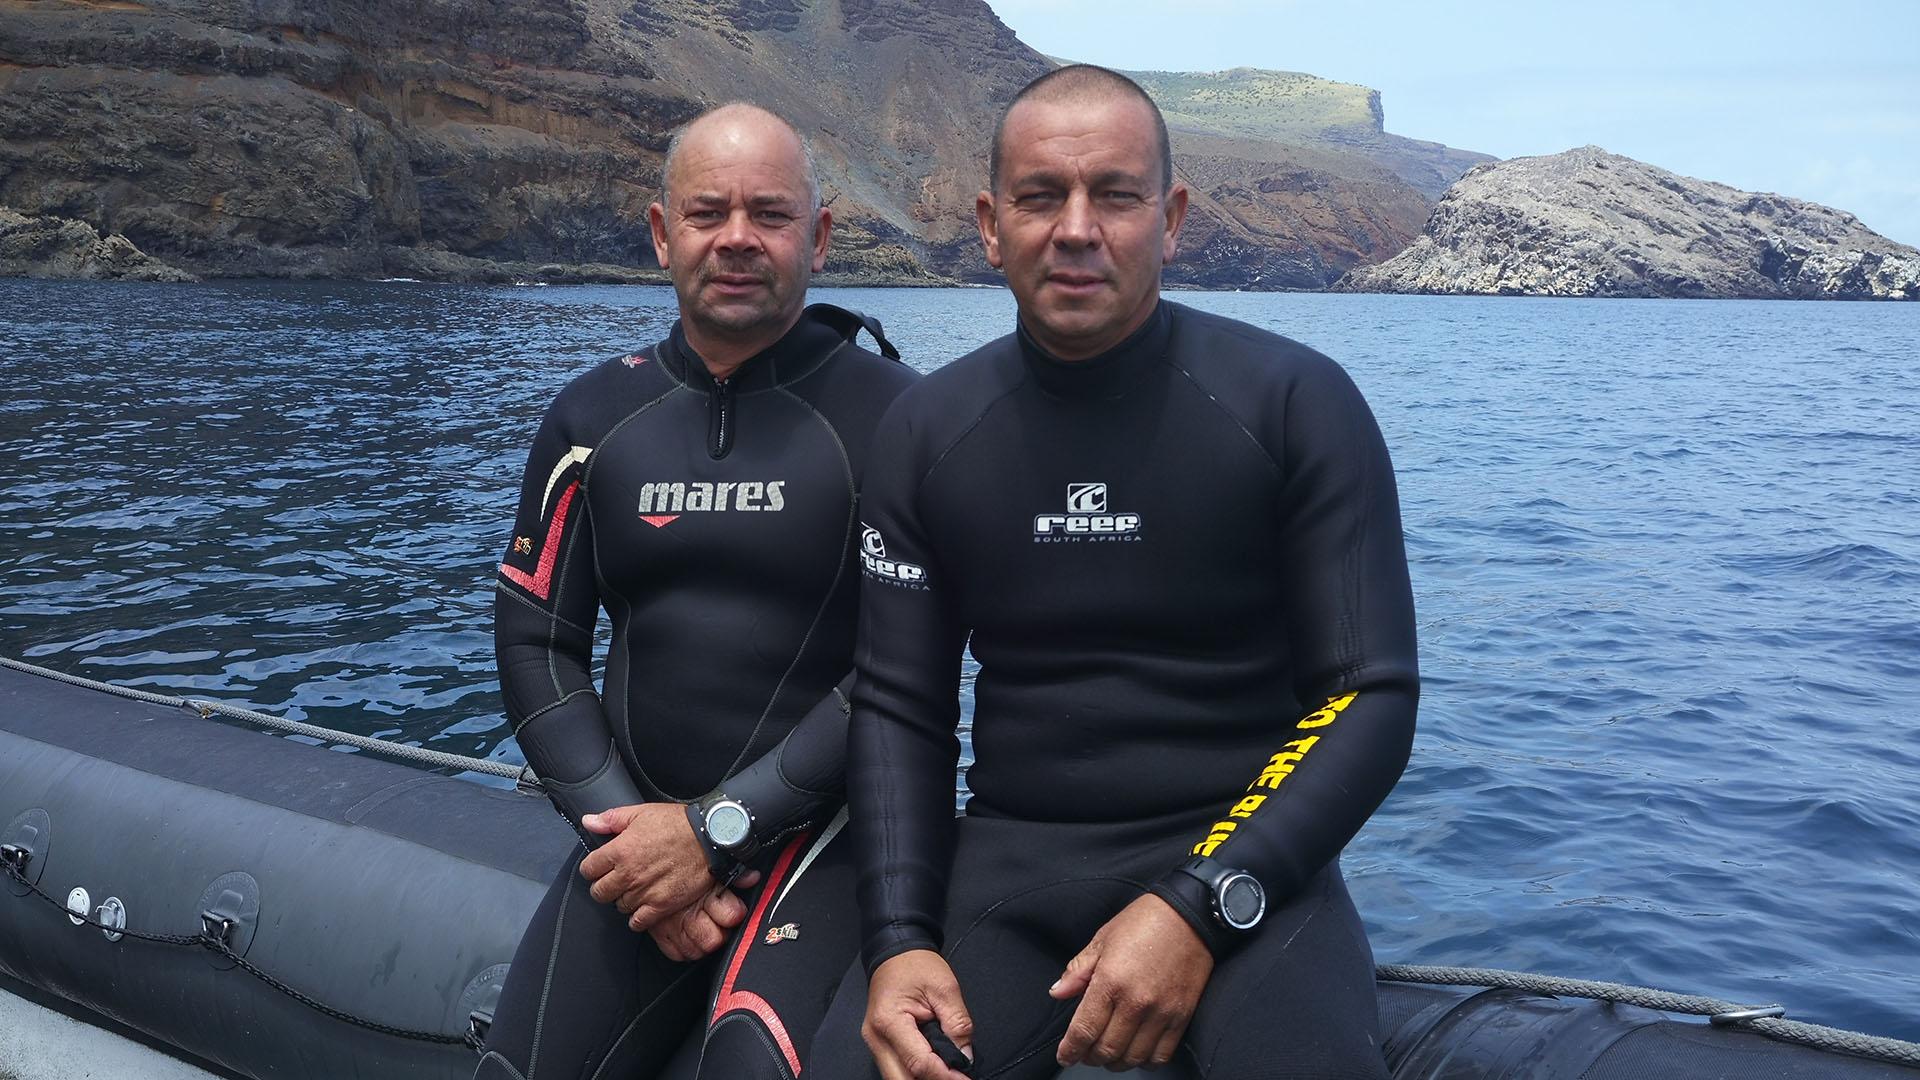 Craig and Keith yon